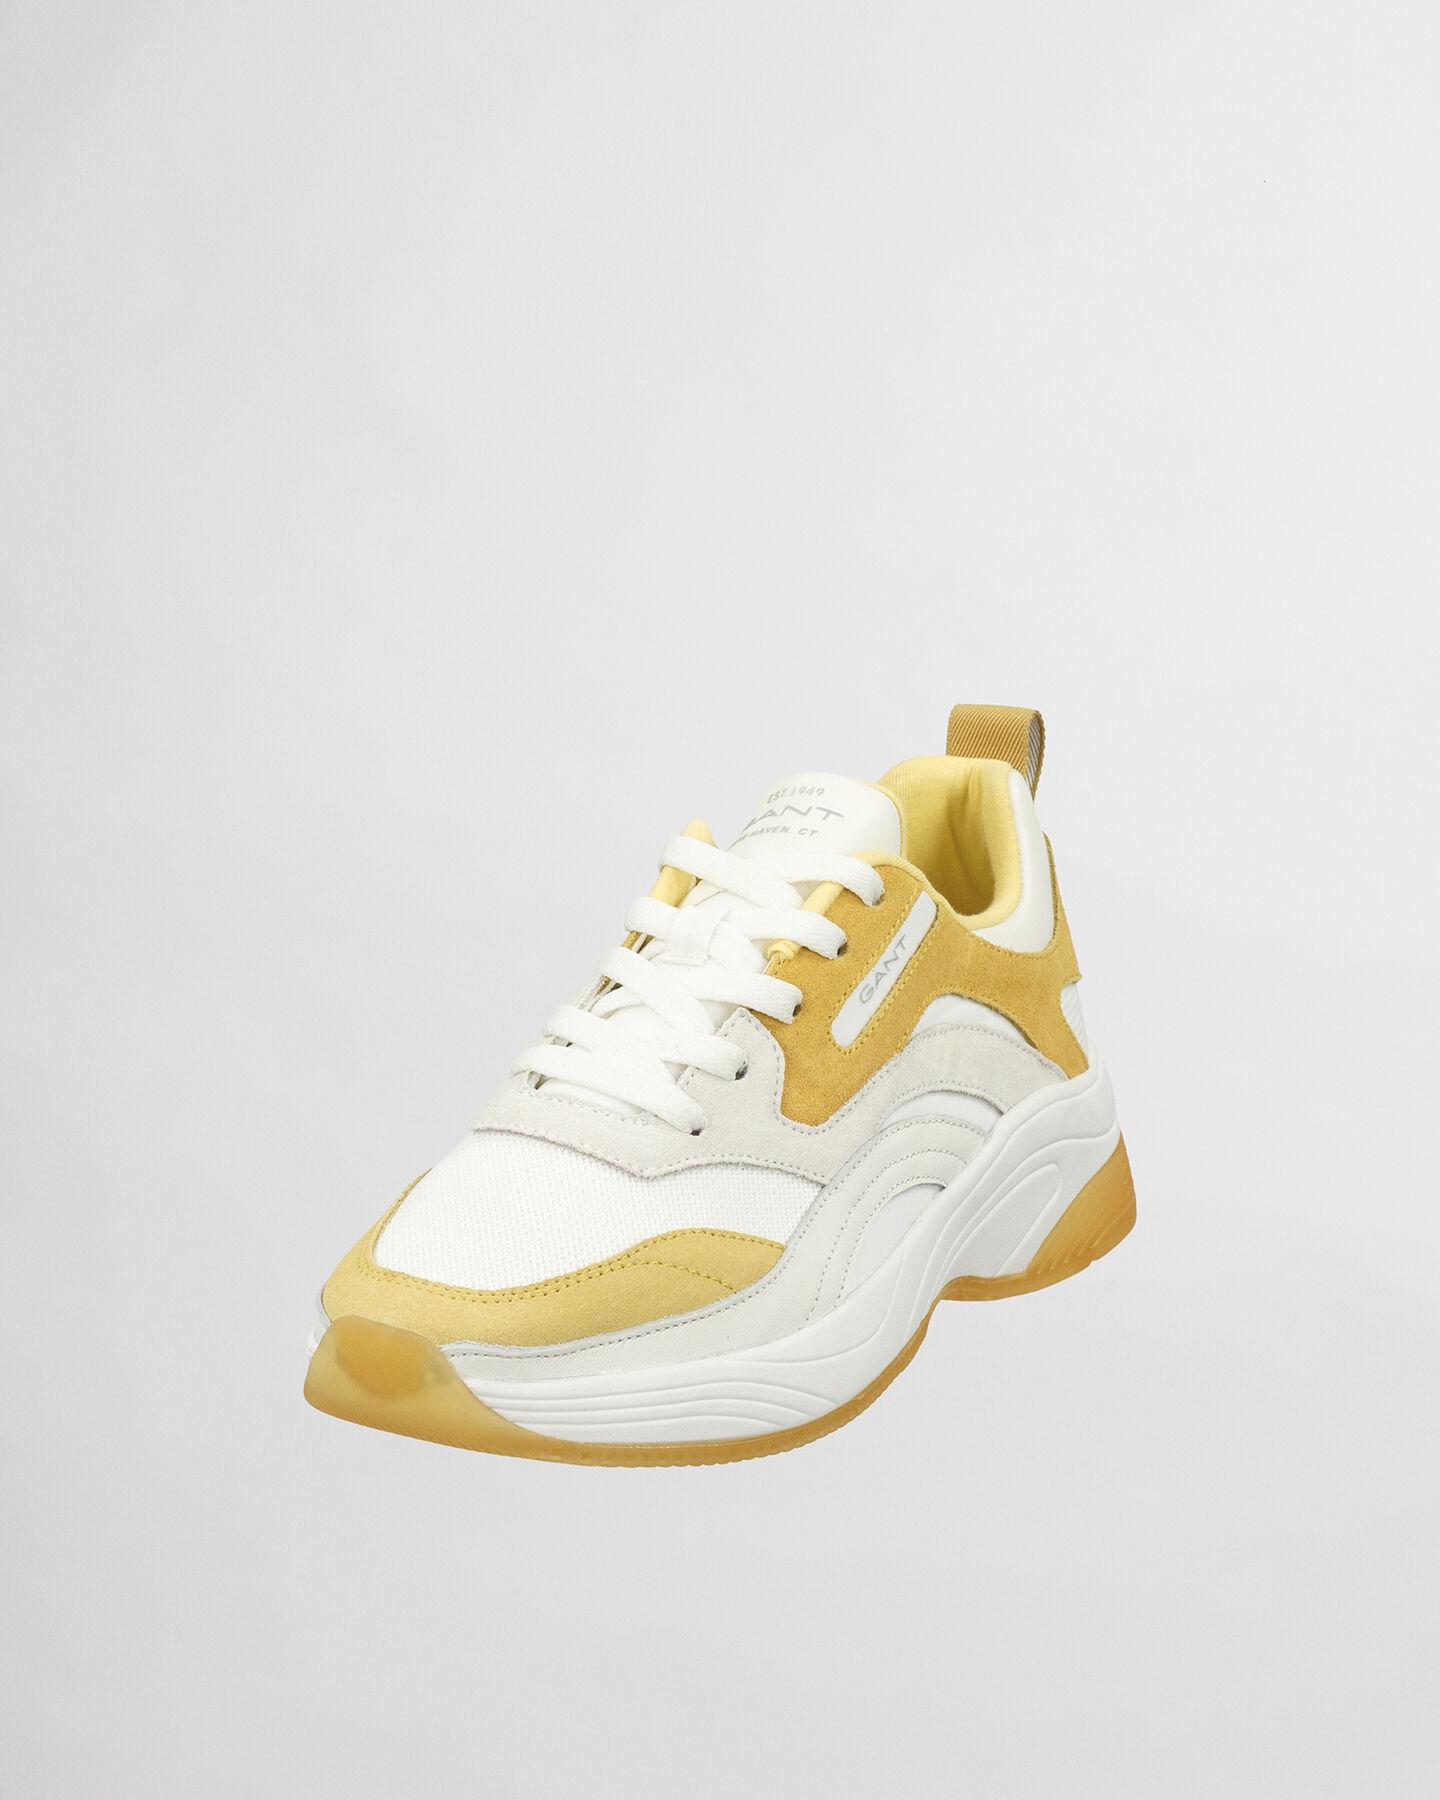 Calinne sneakers